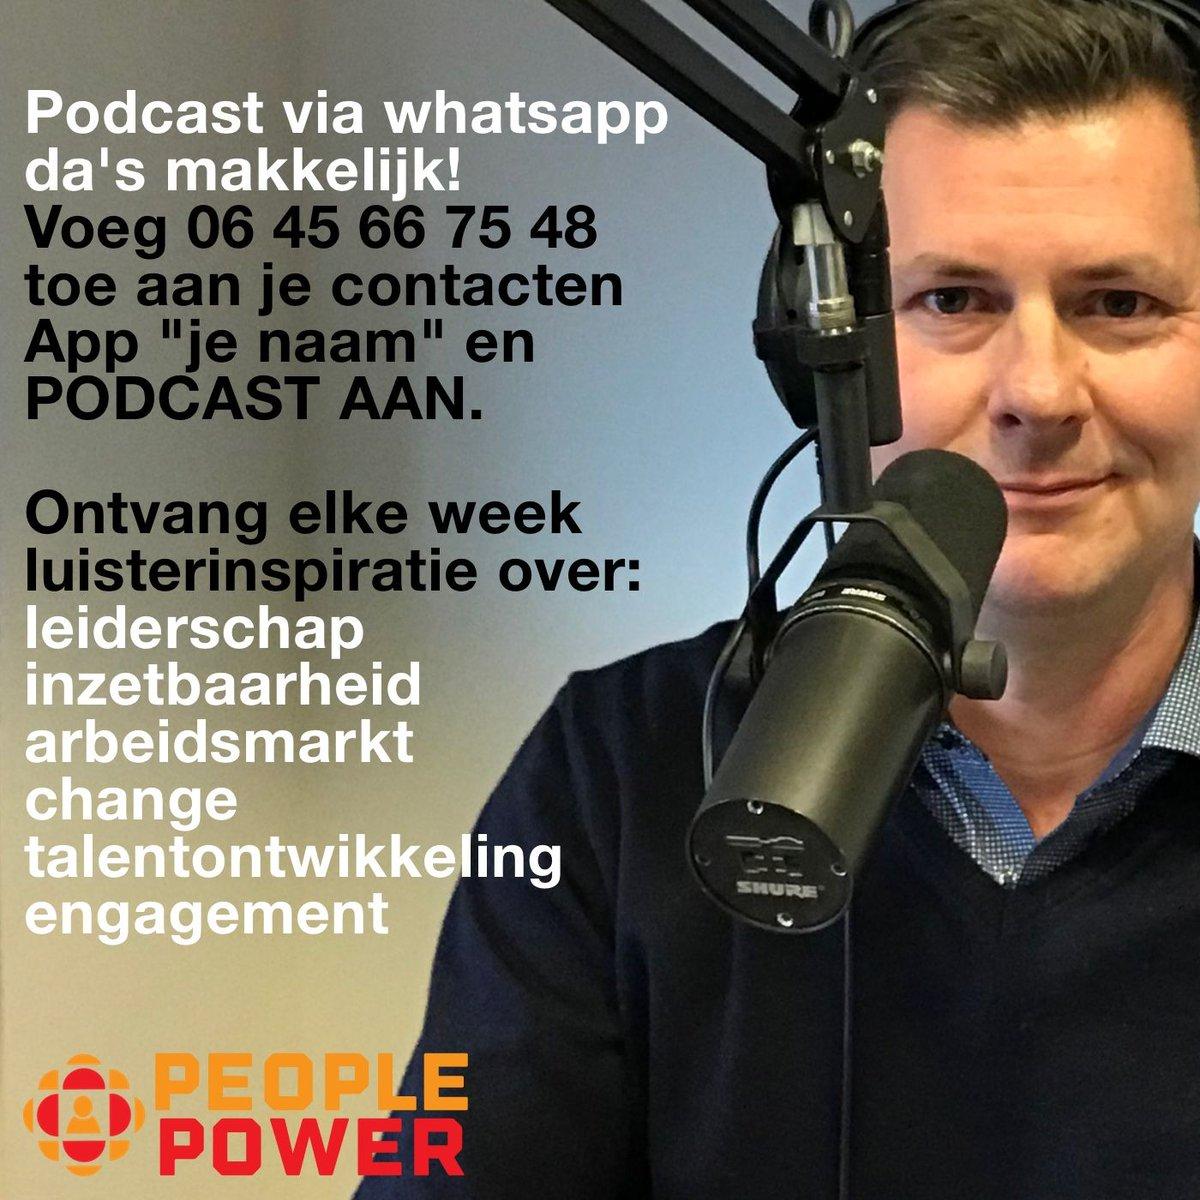 test Twitter Media - Onze verse #podcasts direct op jouw smartphone? Meld je aan voor onze #Whatsapp service! https://t.co/dcK6jpJWx3 #podcast #hr #people #leiderschap https://t.co/VxNCutPIlQ